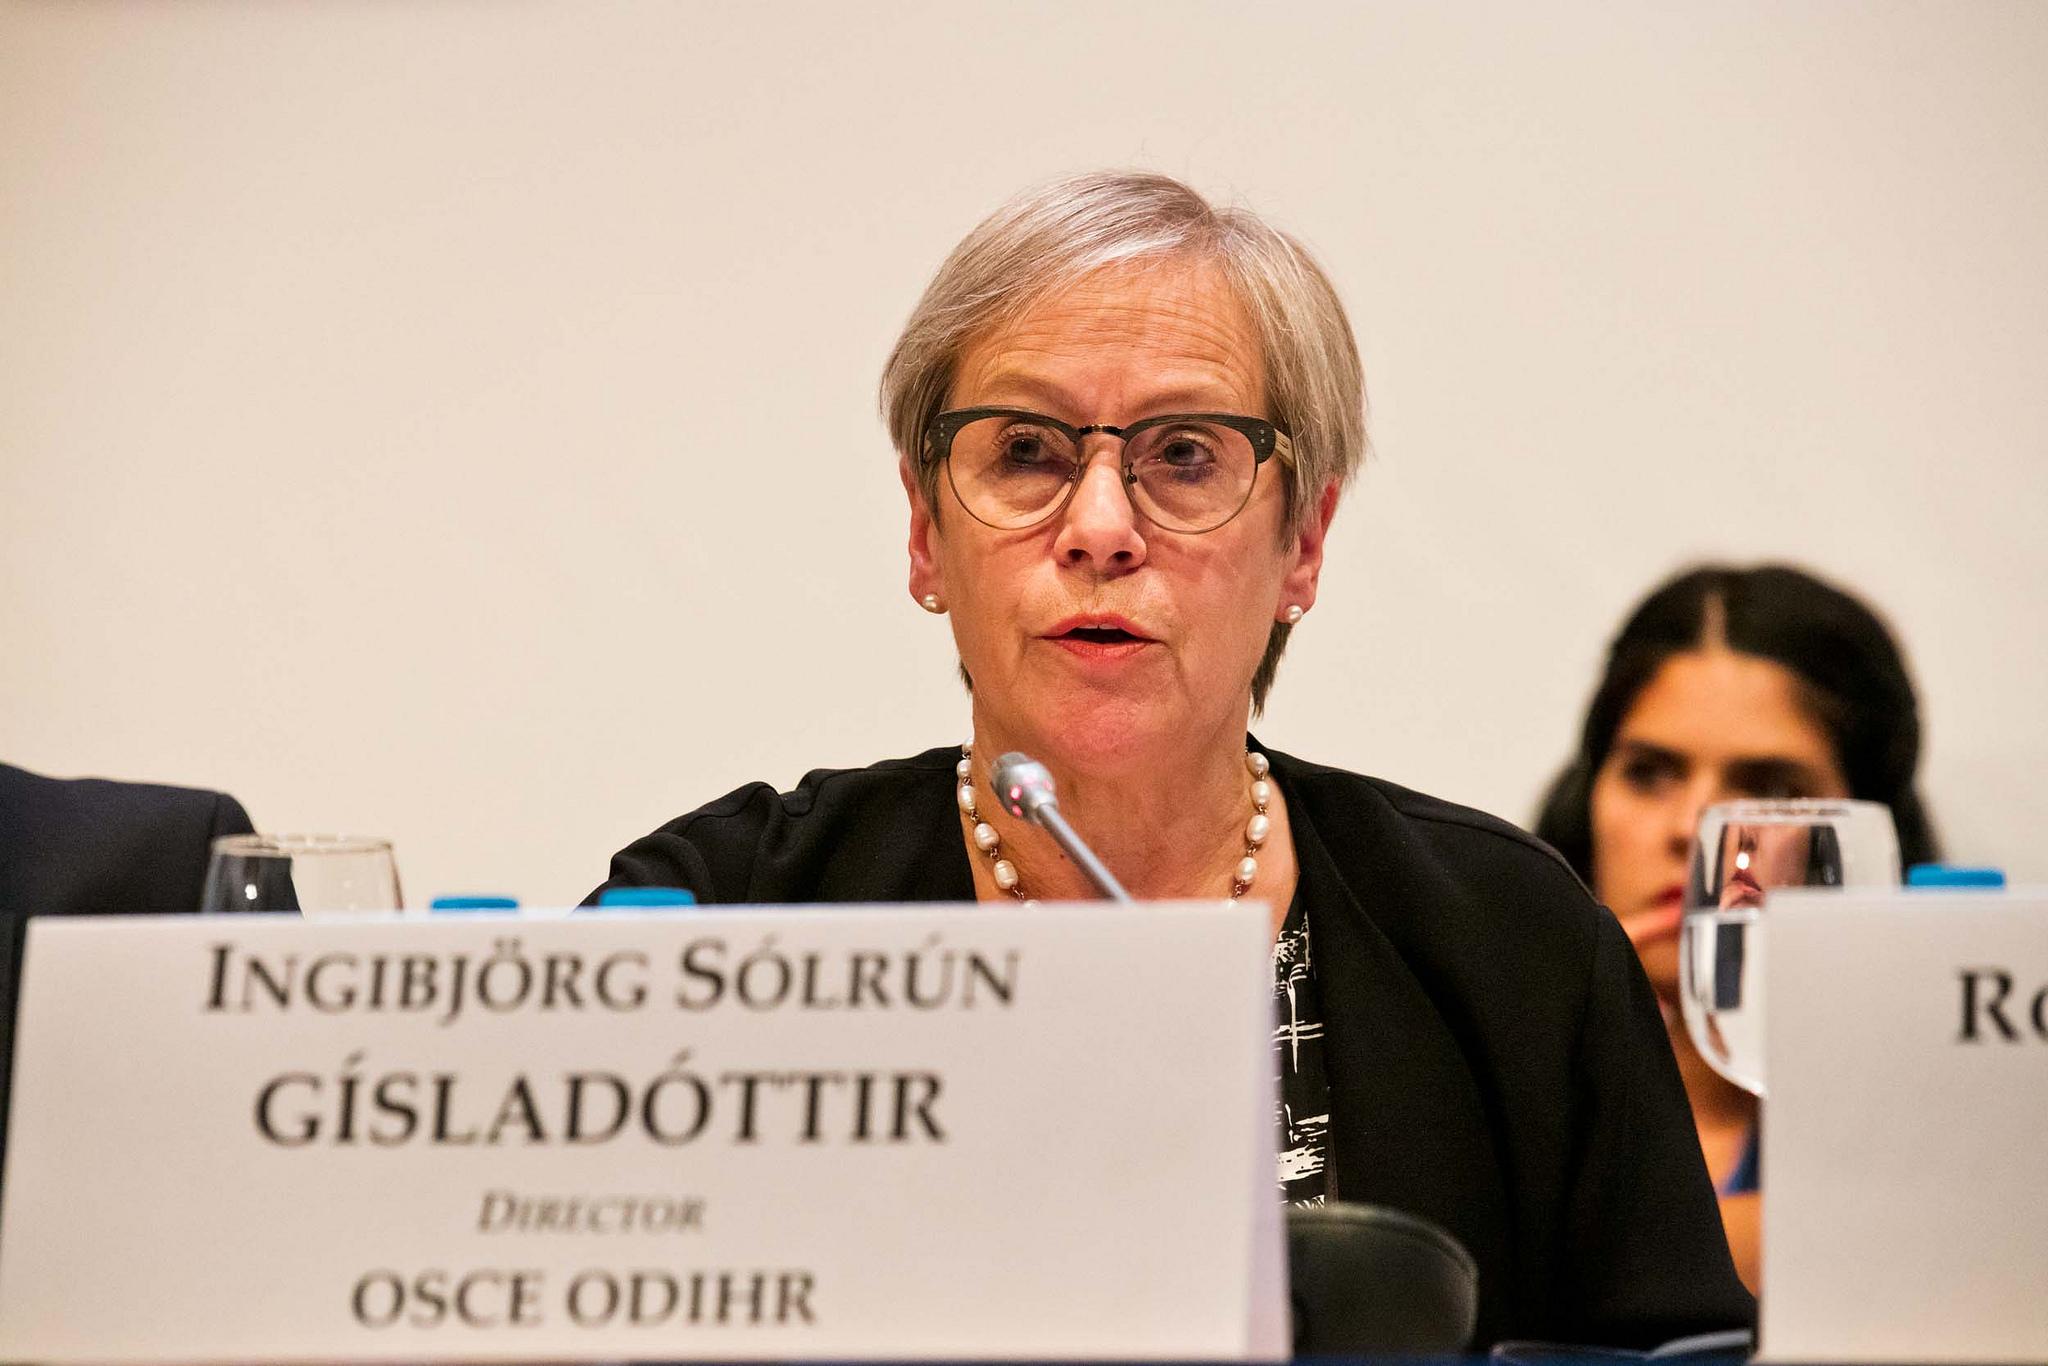 Ingibjorg Solrun Gisladottir, Direttrice ODIHR - via Osce Pa (CC BY-SA 2.0).